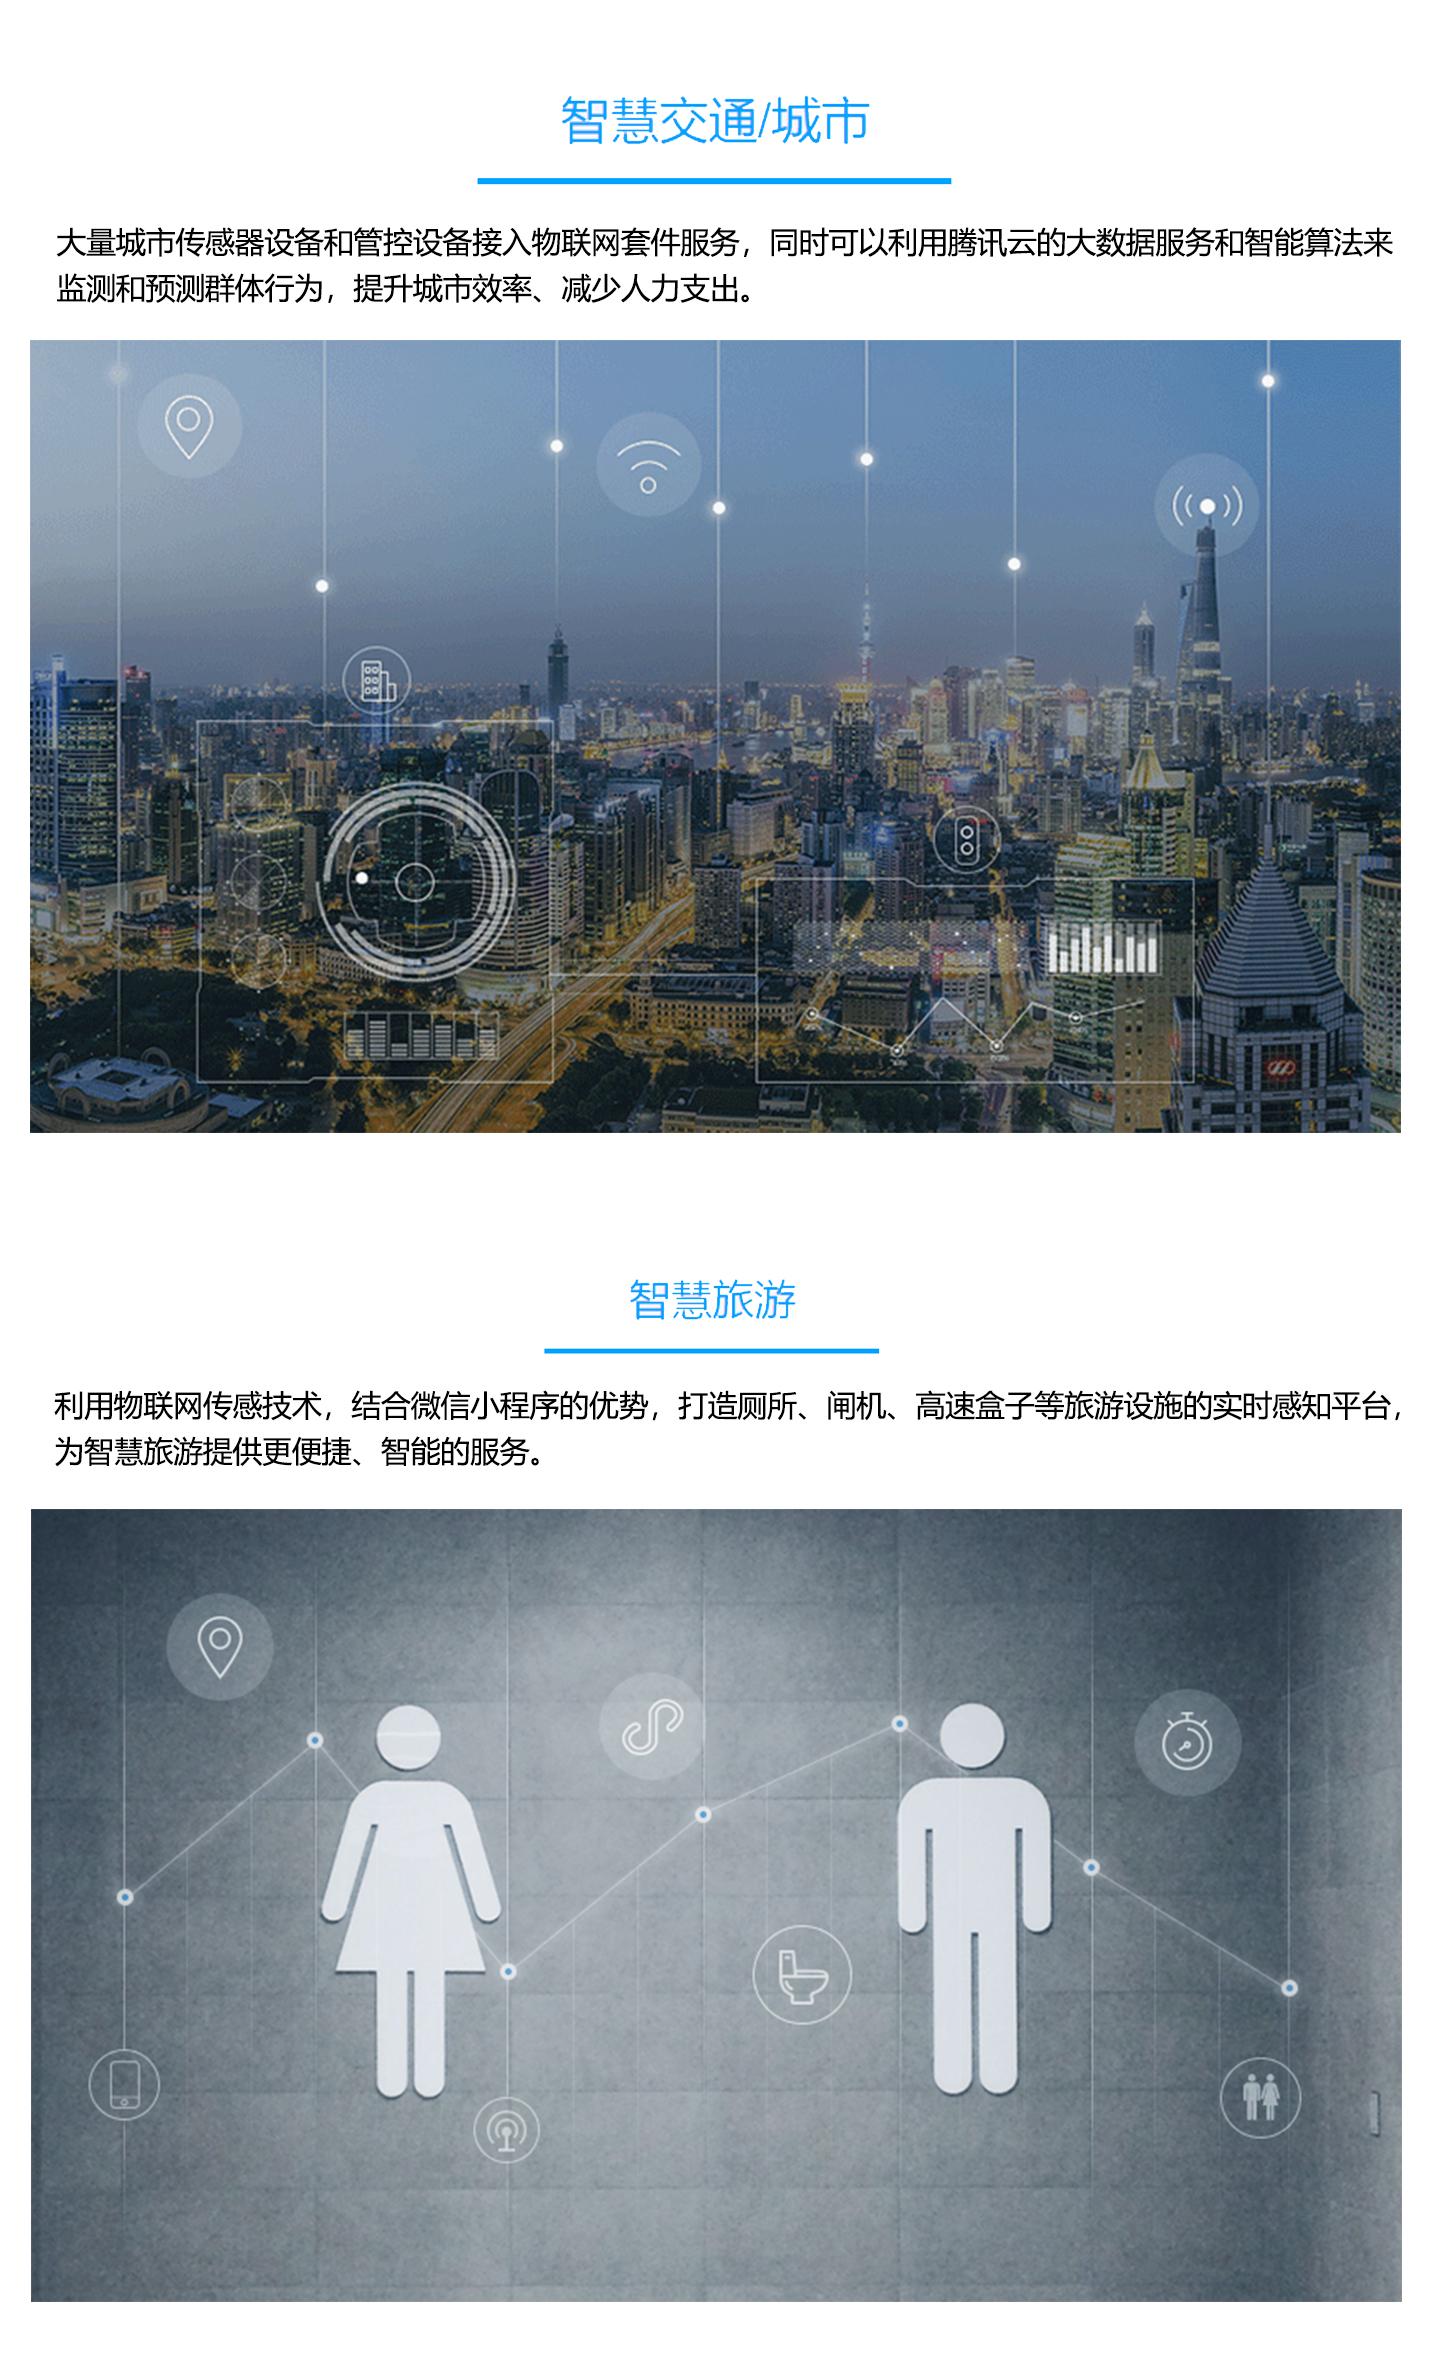 物联网通信-IoT-Hub-1440_05.jpg